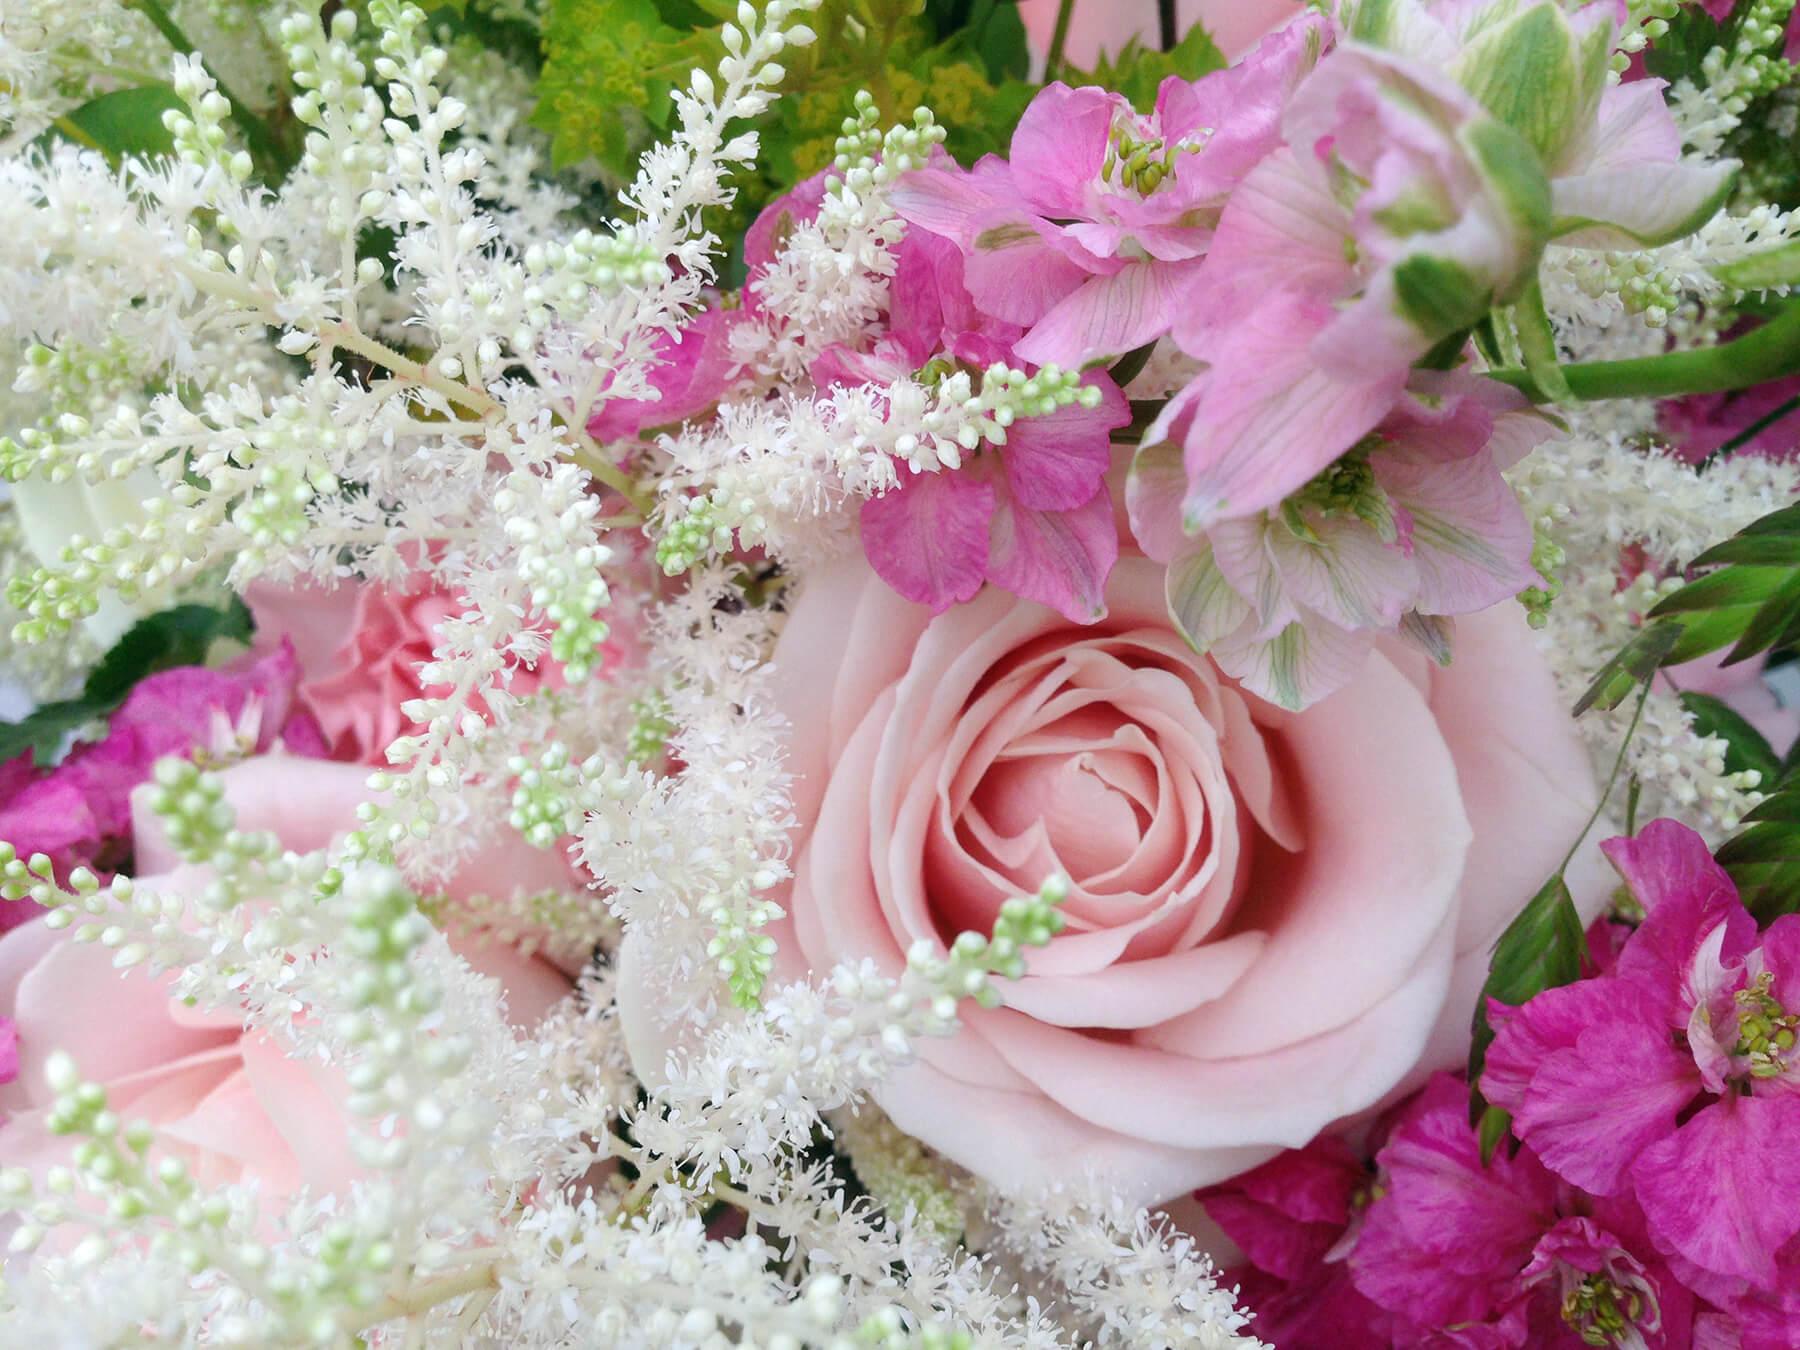 Närbild på rosa rosor, vit astilbe och rosa riddarsporre. Så somrigt och härligt!